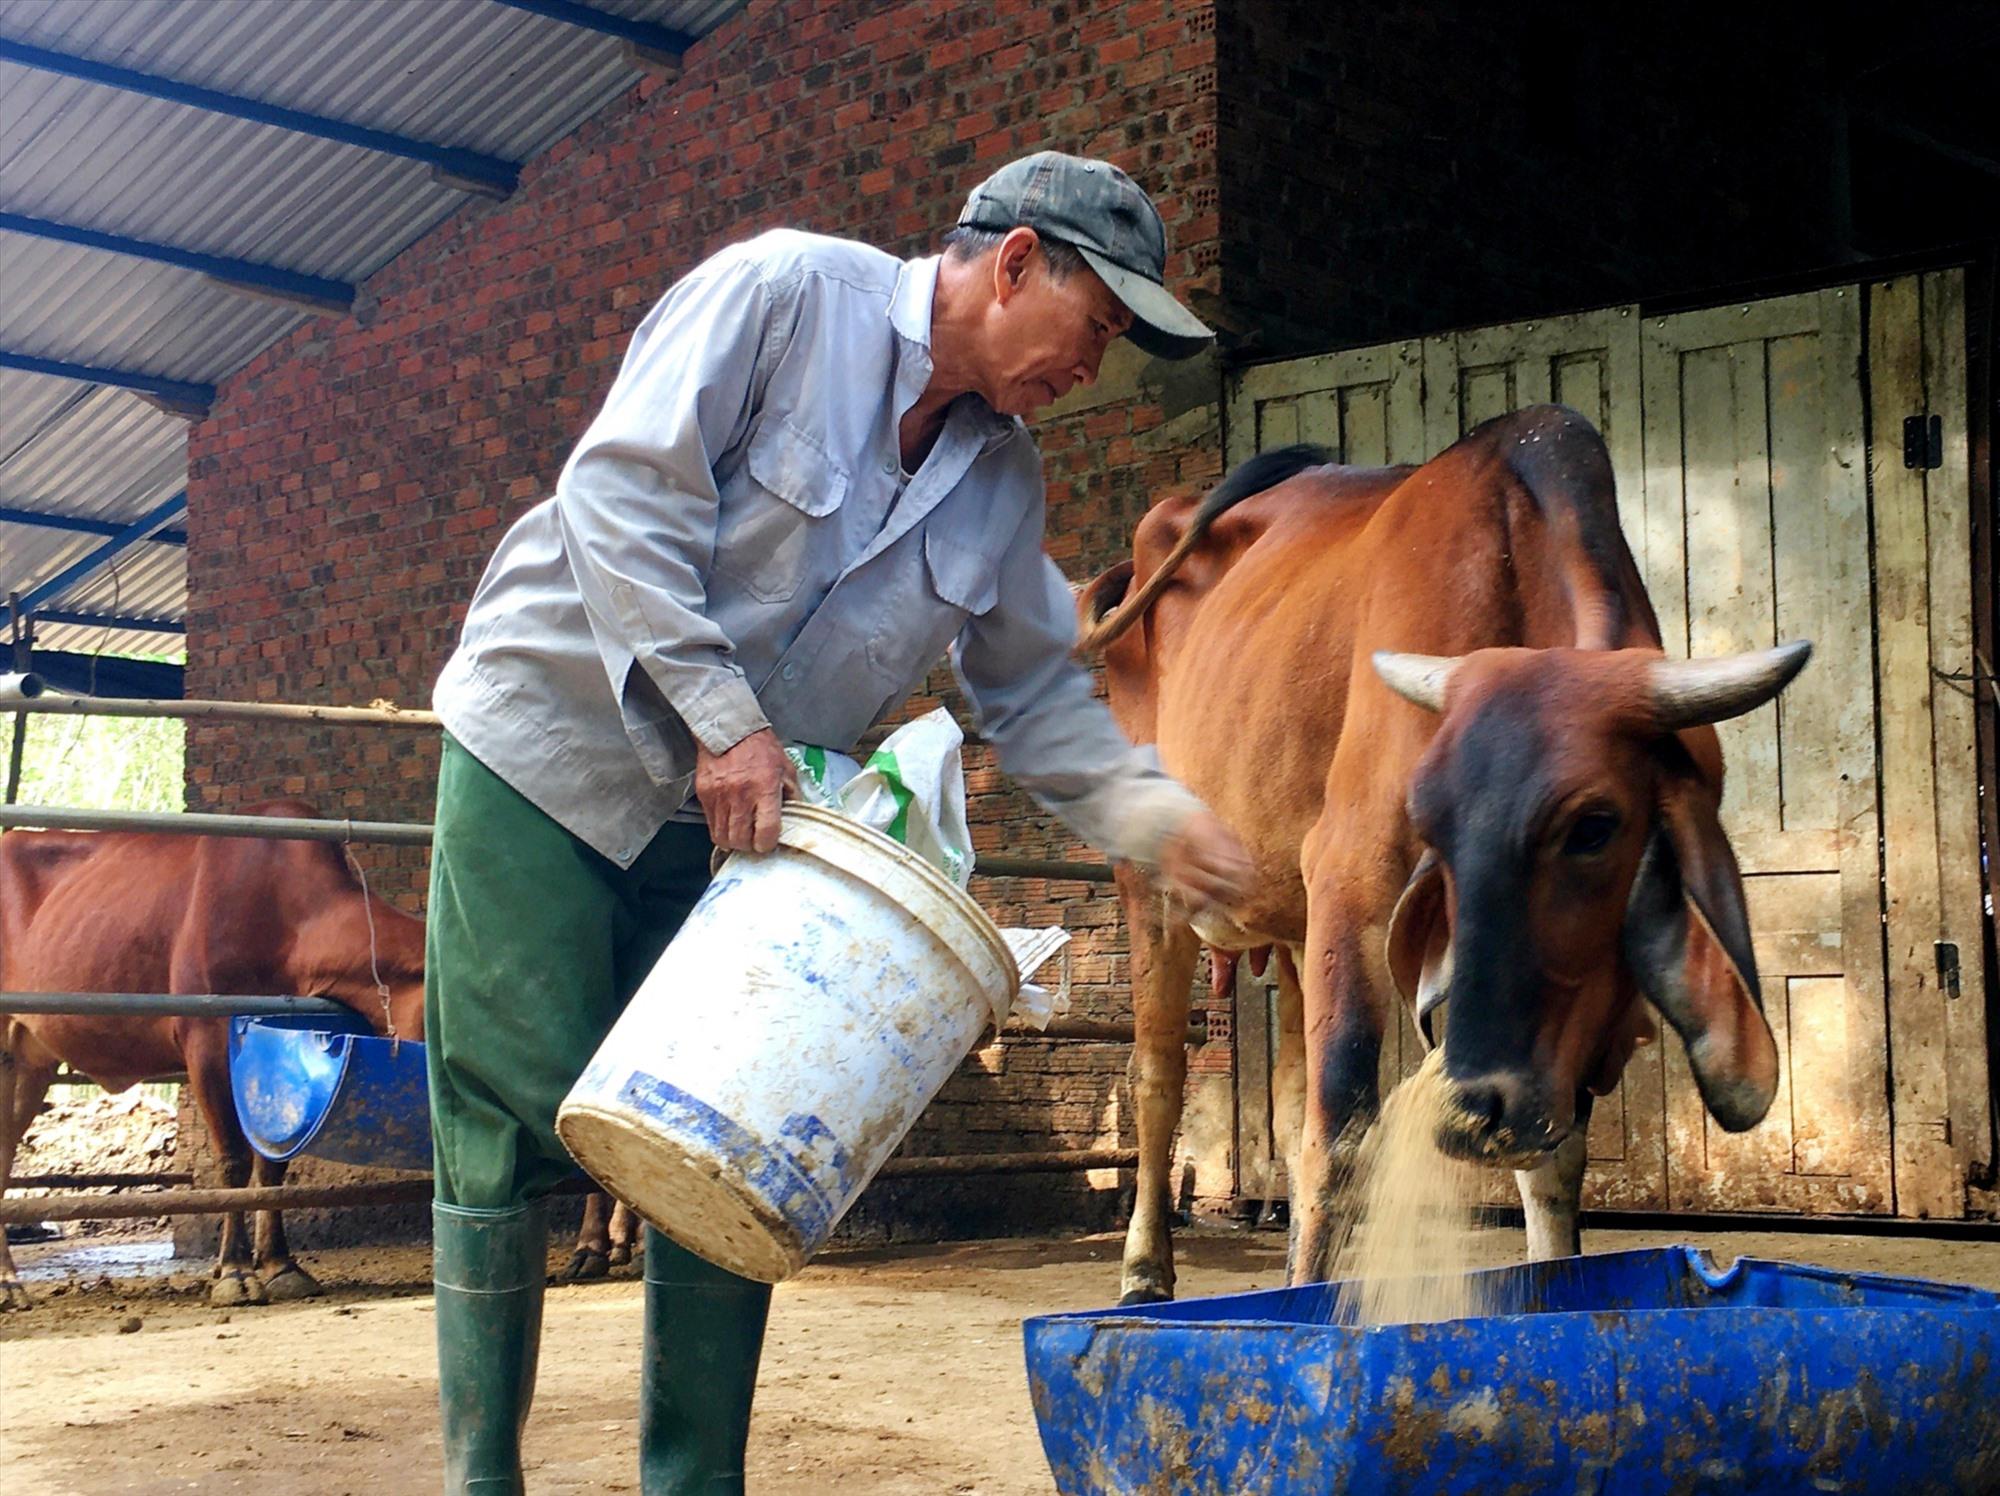 Người chăn nuôi cần thường xuyên vệ sinh chuồng trại và phun hóa chất diệt côn trùng để hạn chế sự lây lan của vi rút gây bệnh viêm da nổi cục. Ảnh: N.S